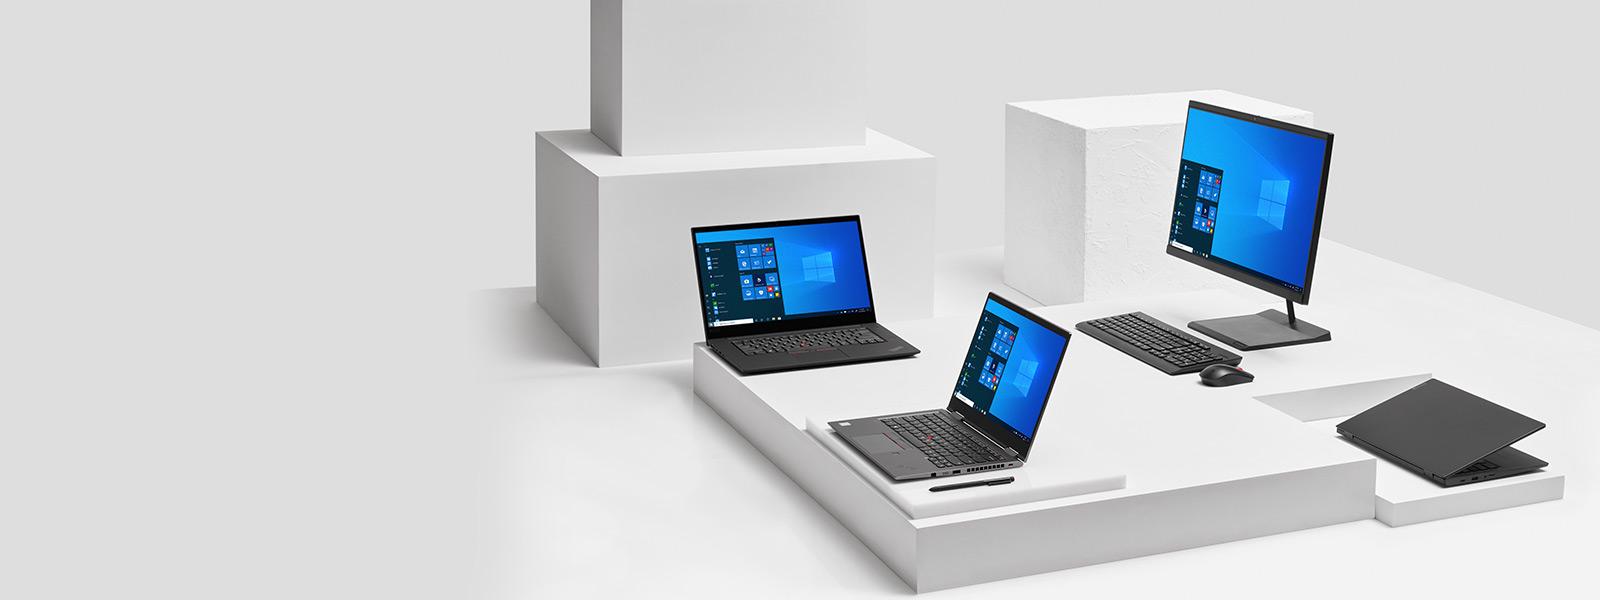 Lenovo-Gerätefamilie mit Windows 10 Pro-Startbildschirmen